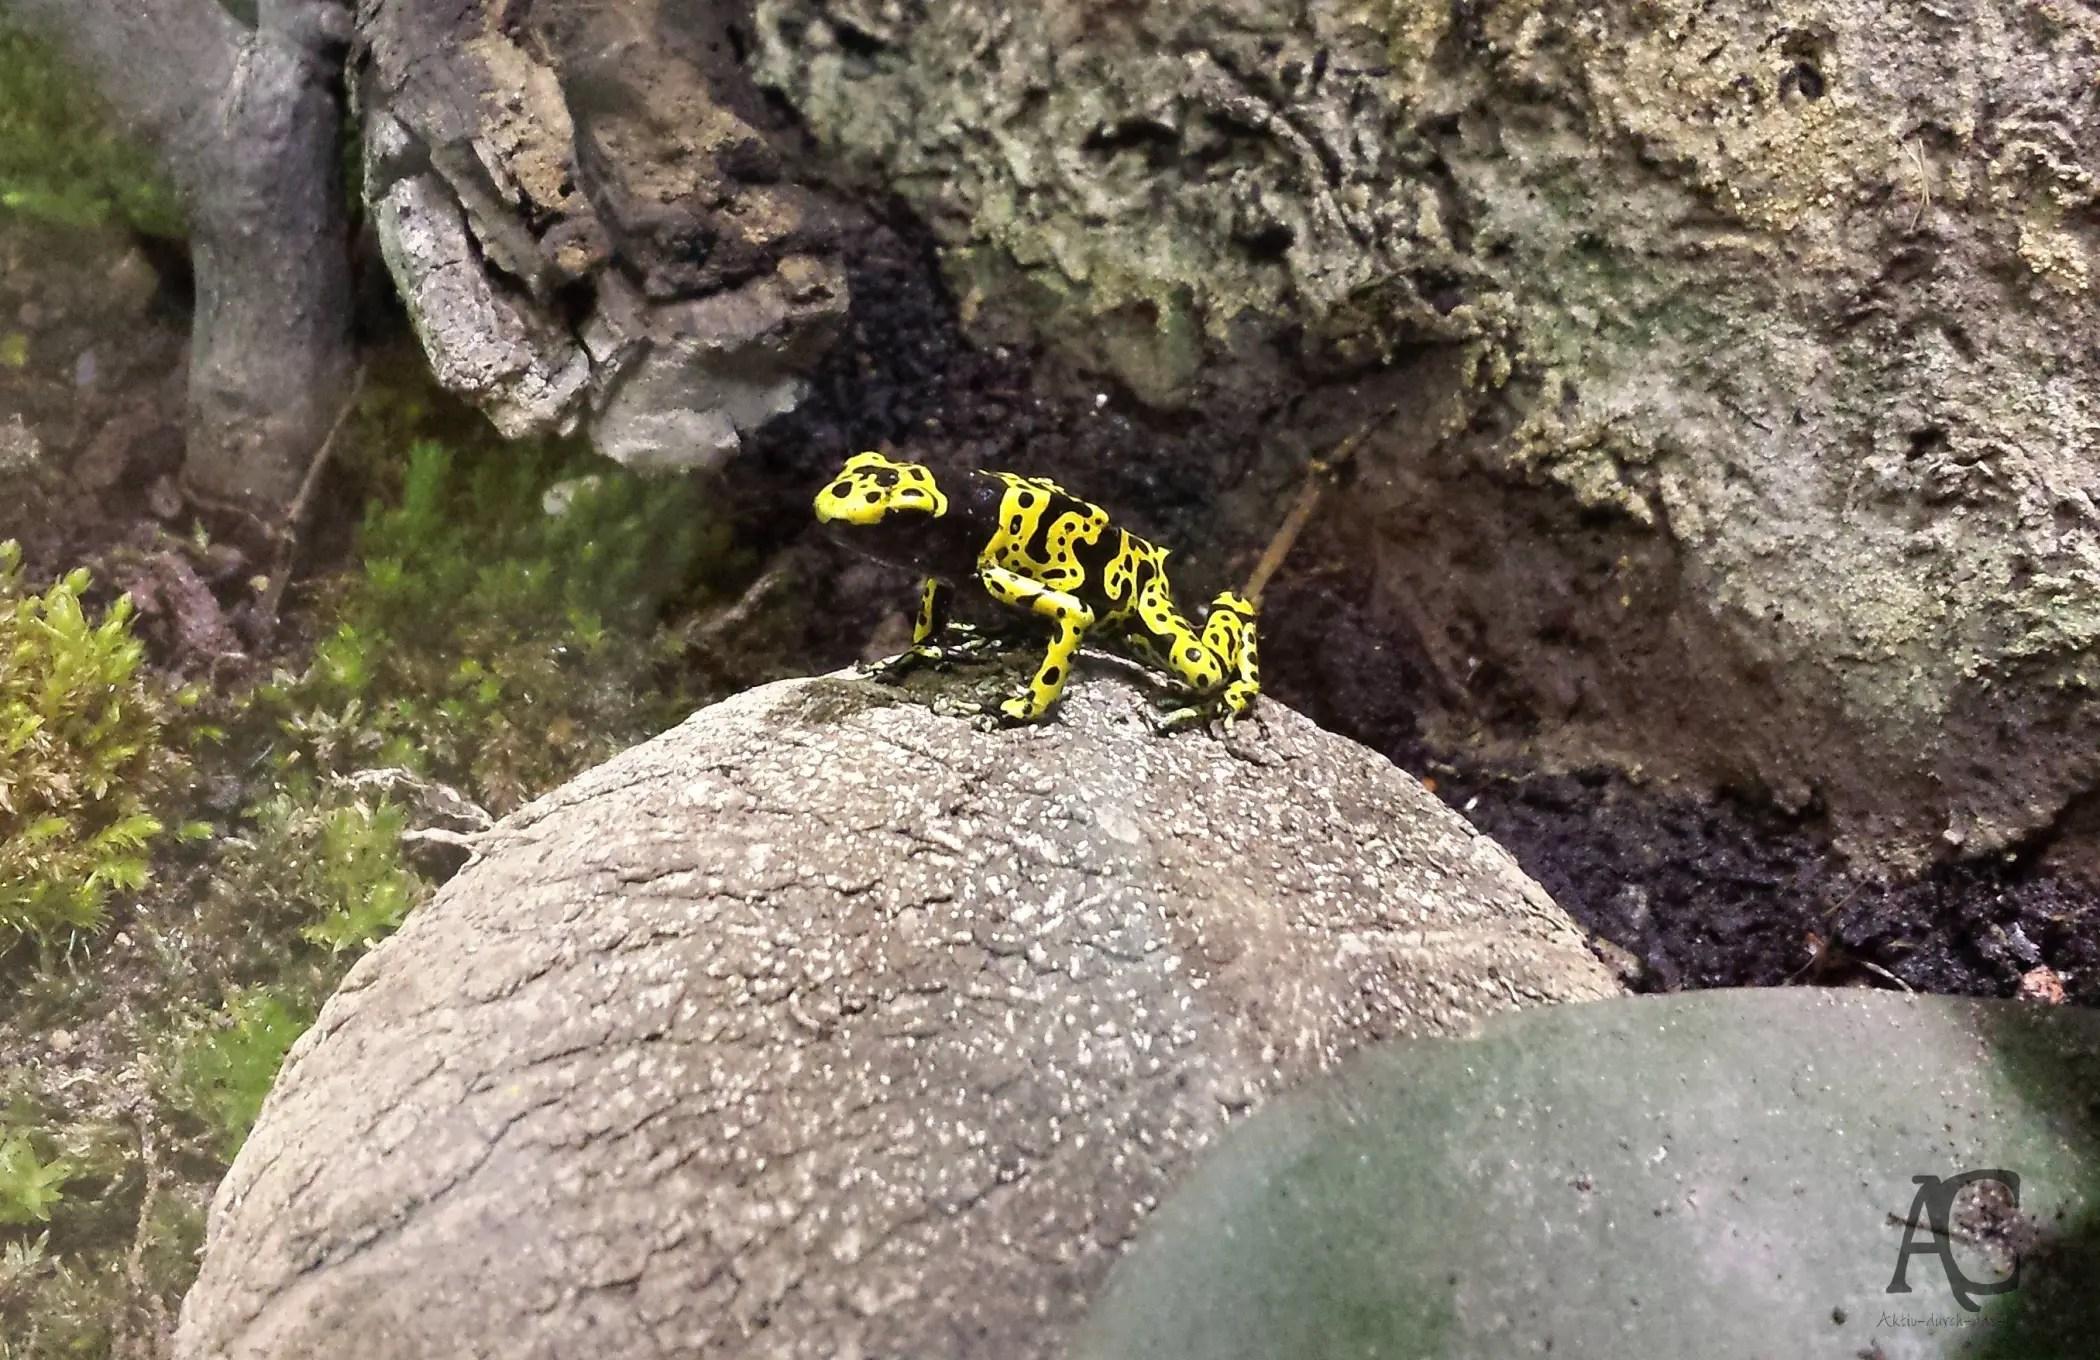 Schwarz-gelb ist ja eigentlich wirklich nicht meine Farbe, aber hier an diesem possierlichen Tier gefällt mit die Kombination :D